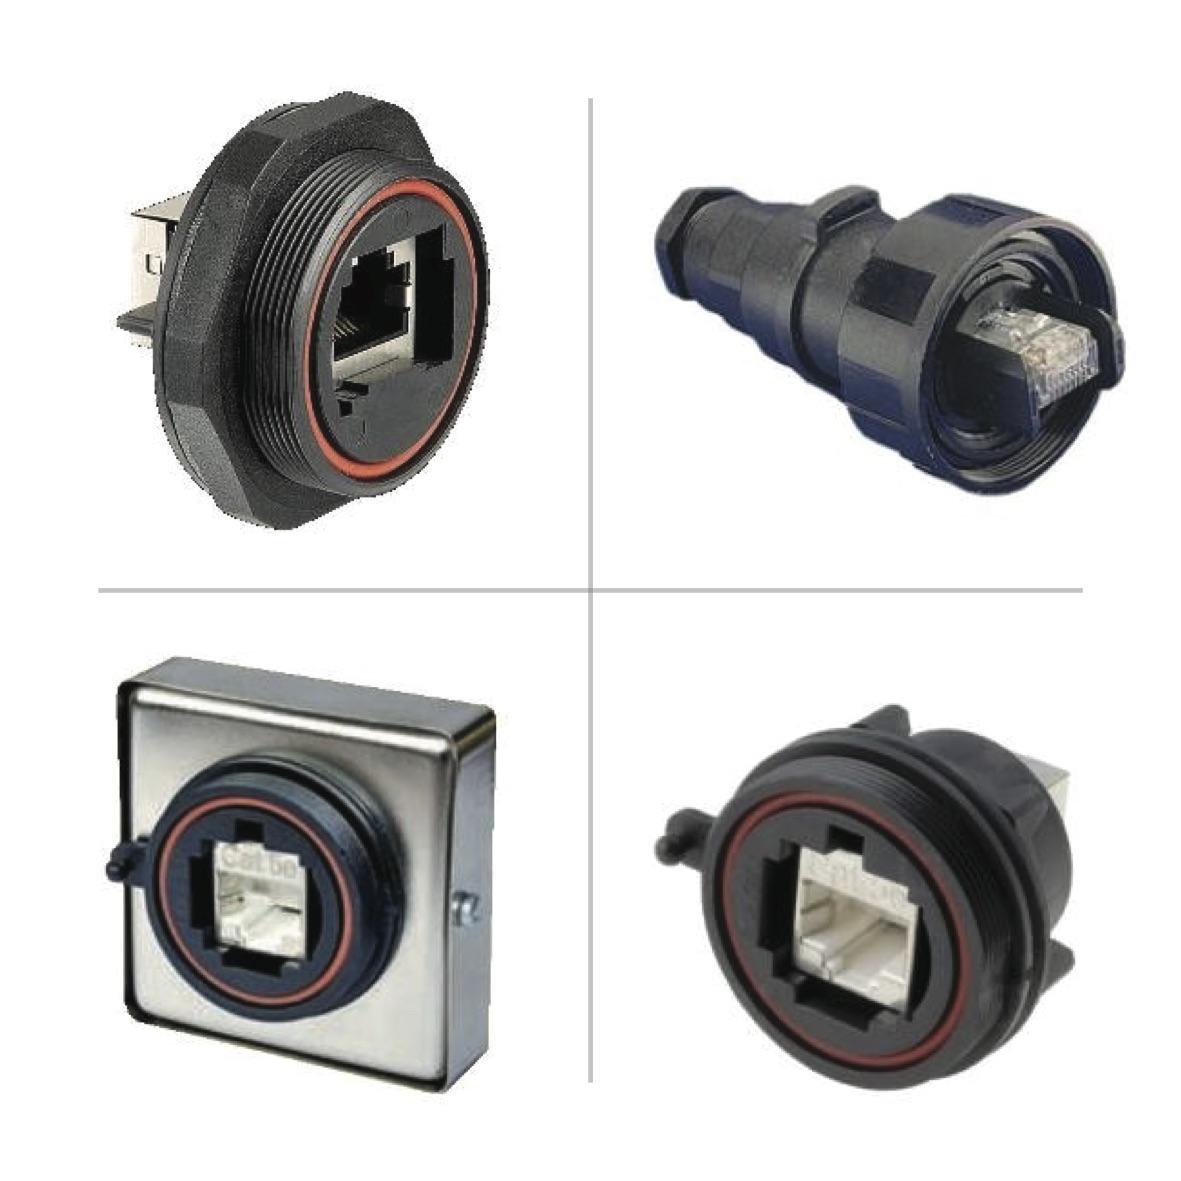 Ethernet / RJ45 Connectors